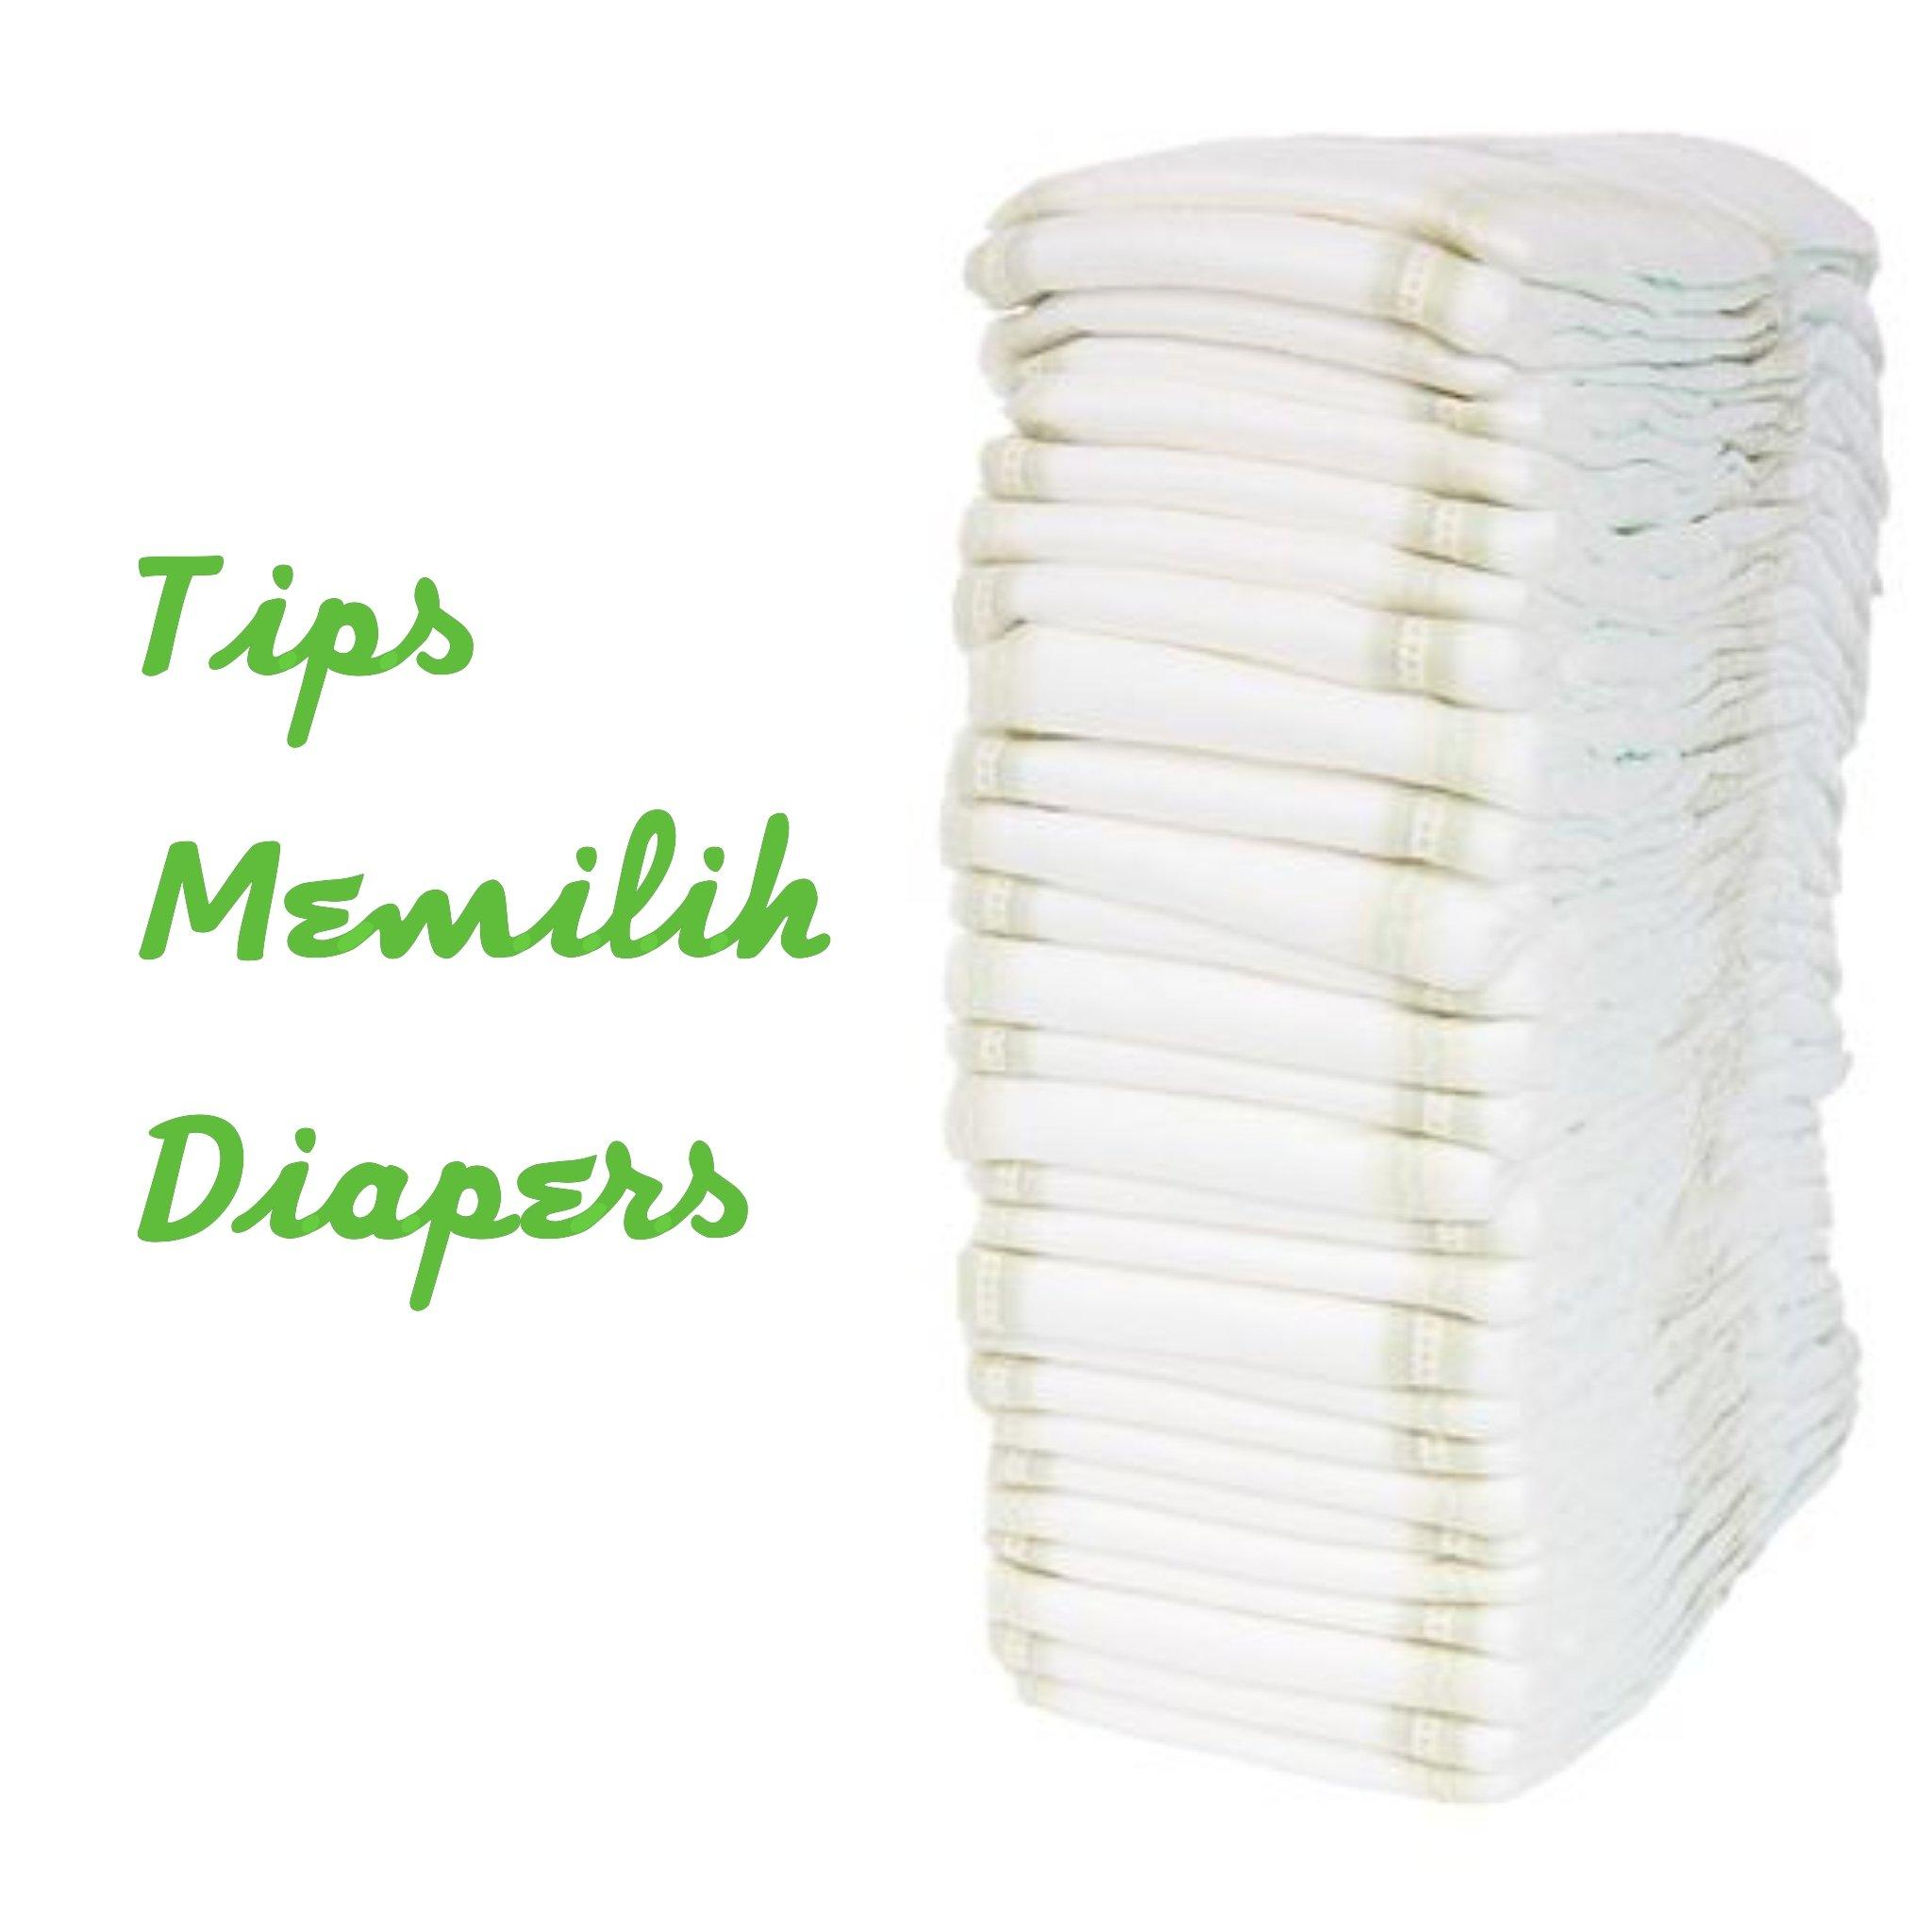 Tips Memilih Diaper yang Nyaman untuk Bayi